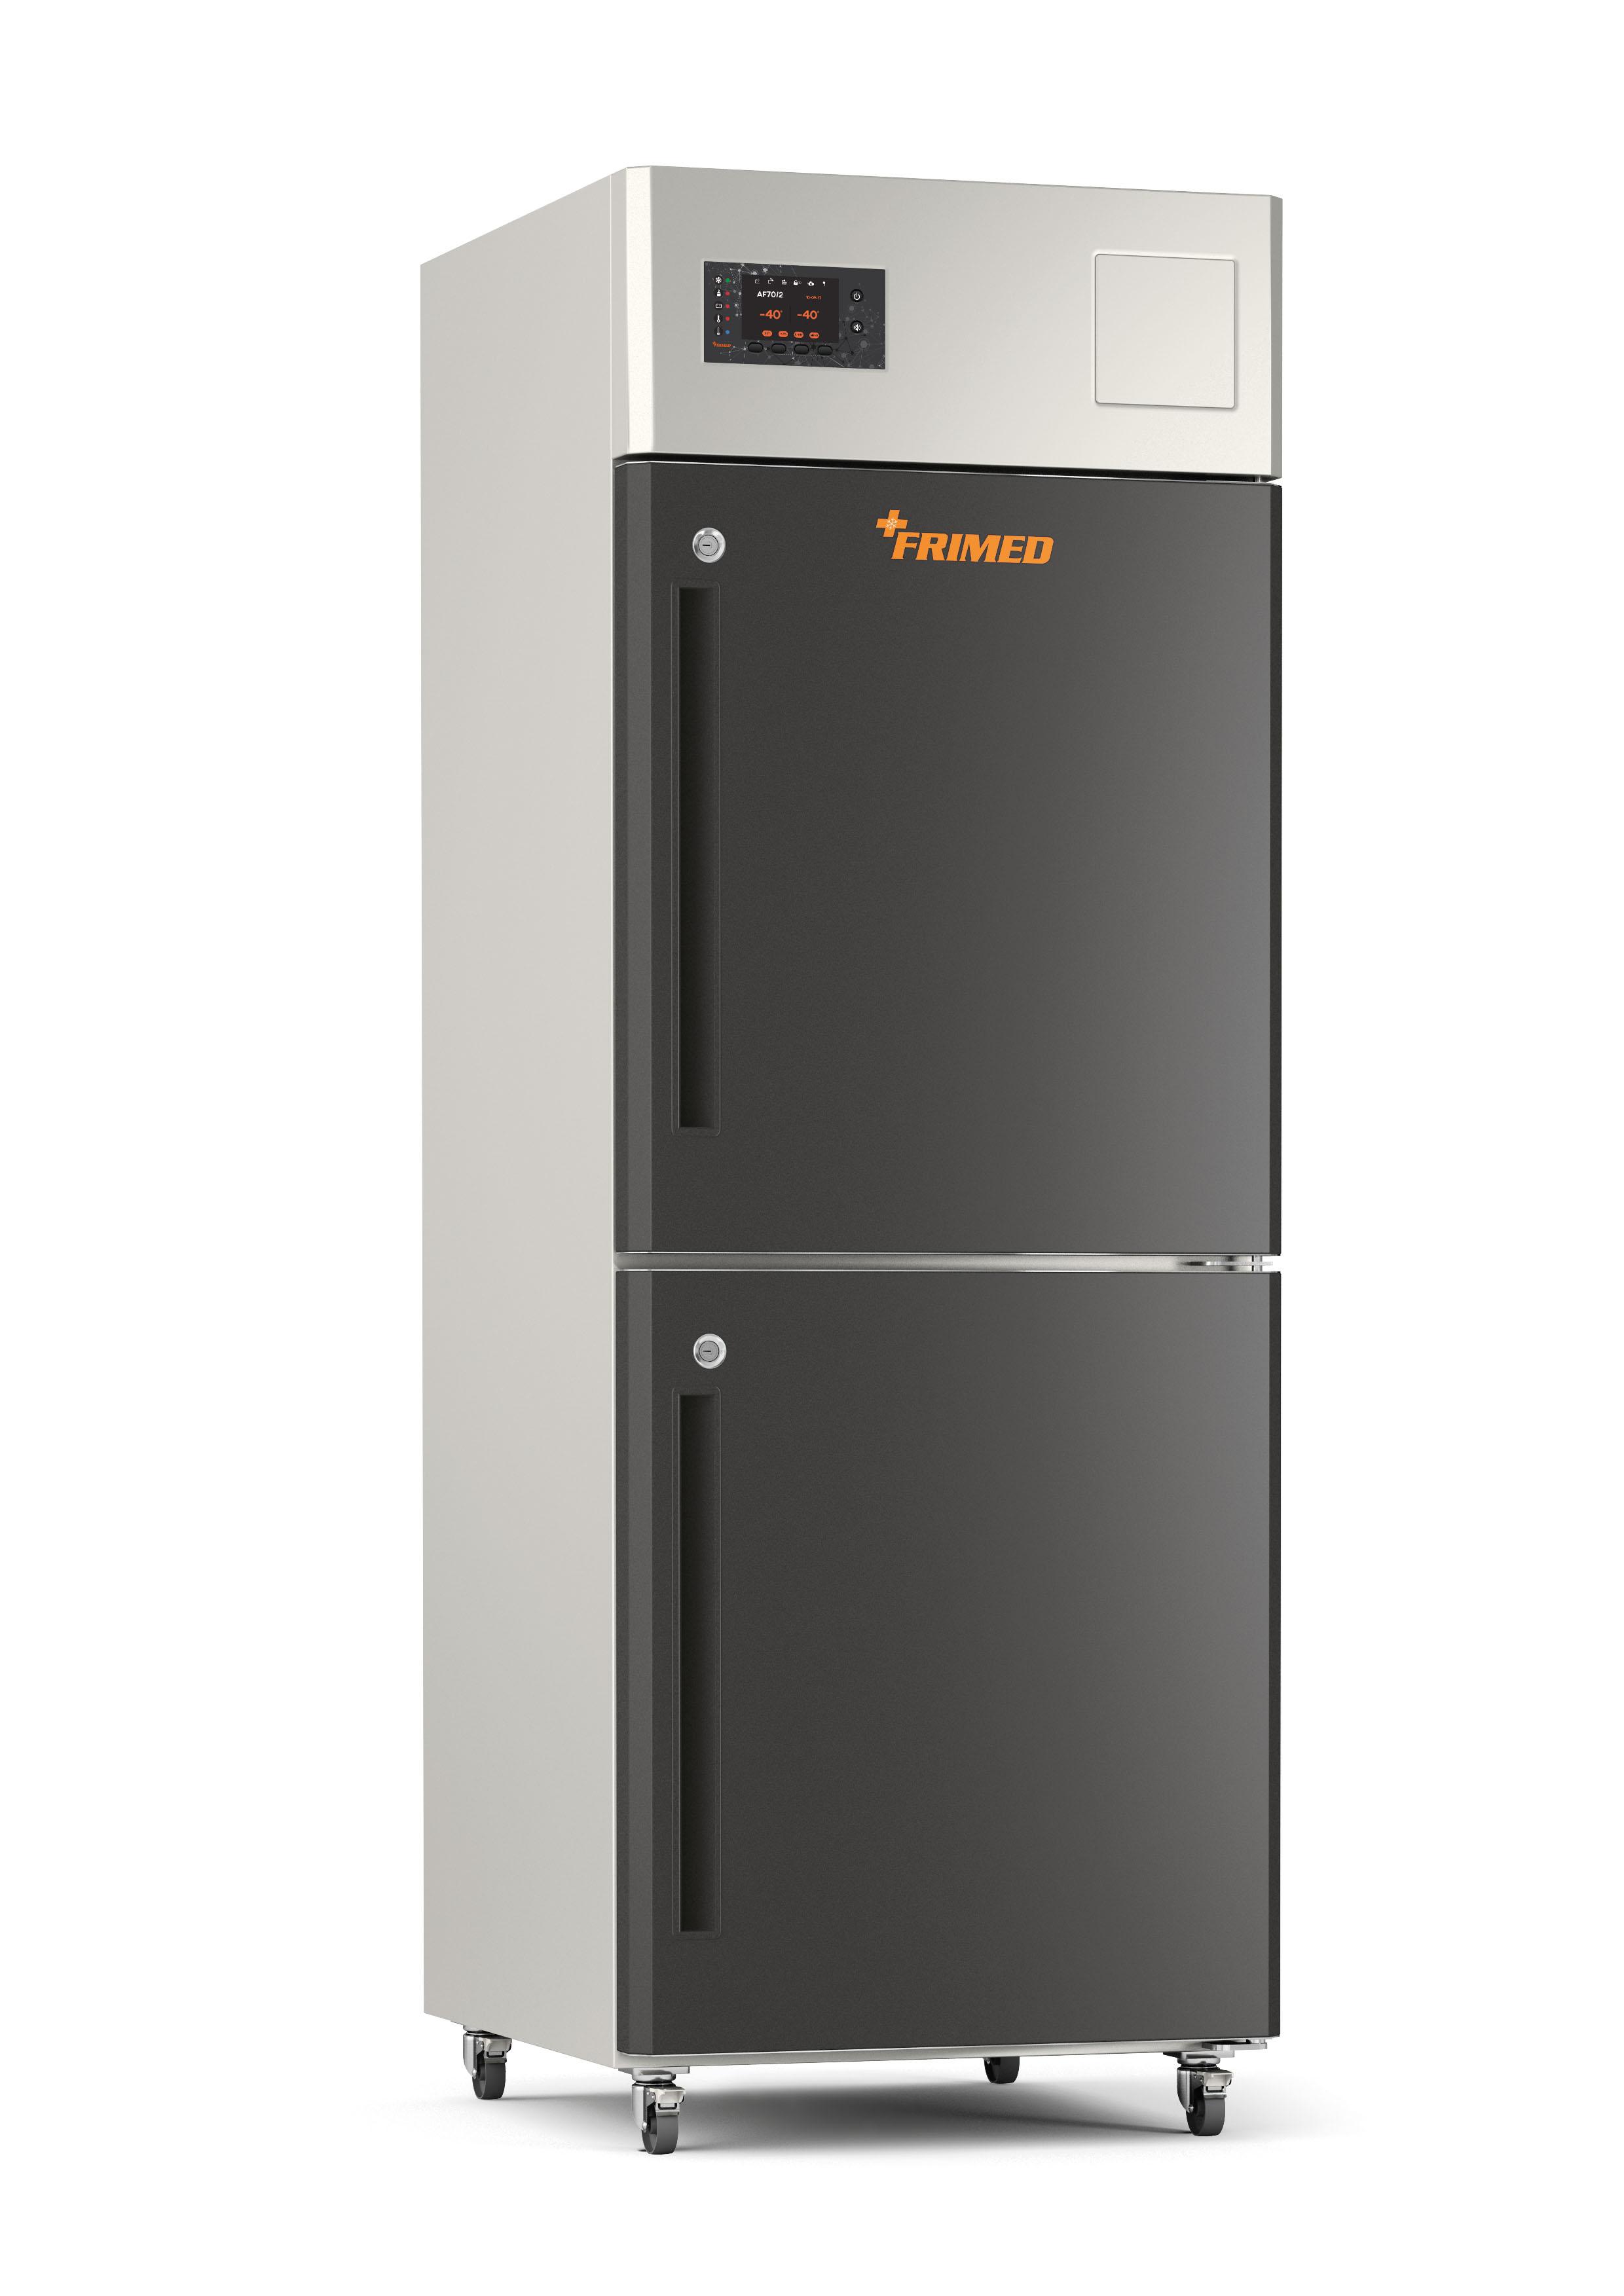 frižider dvodijelni CL60B-2_es_rev01 copy (002)